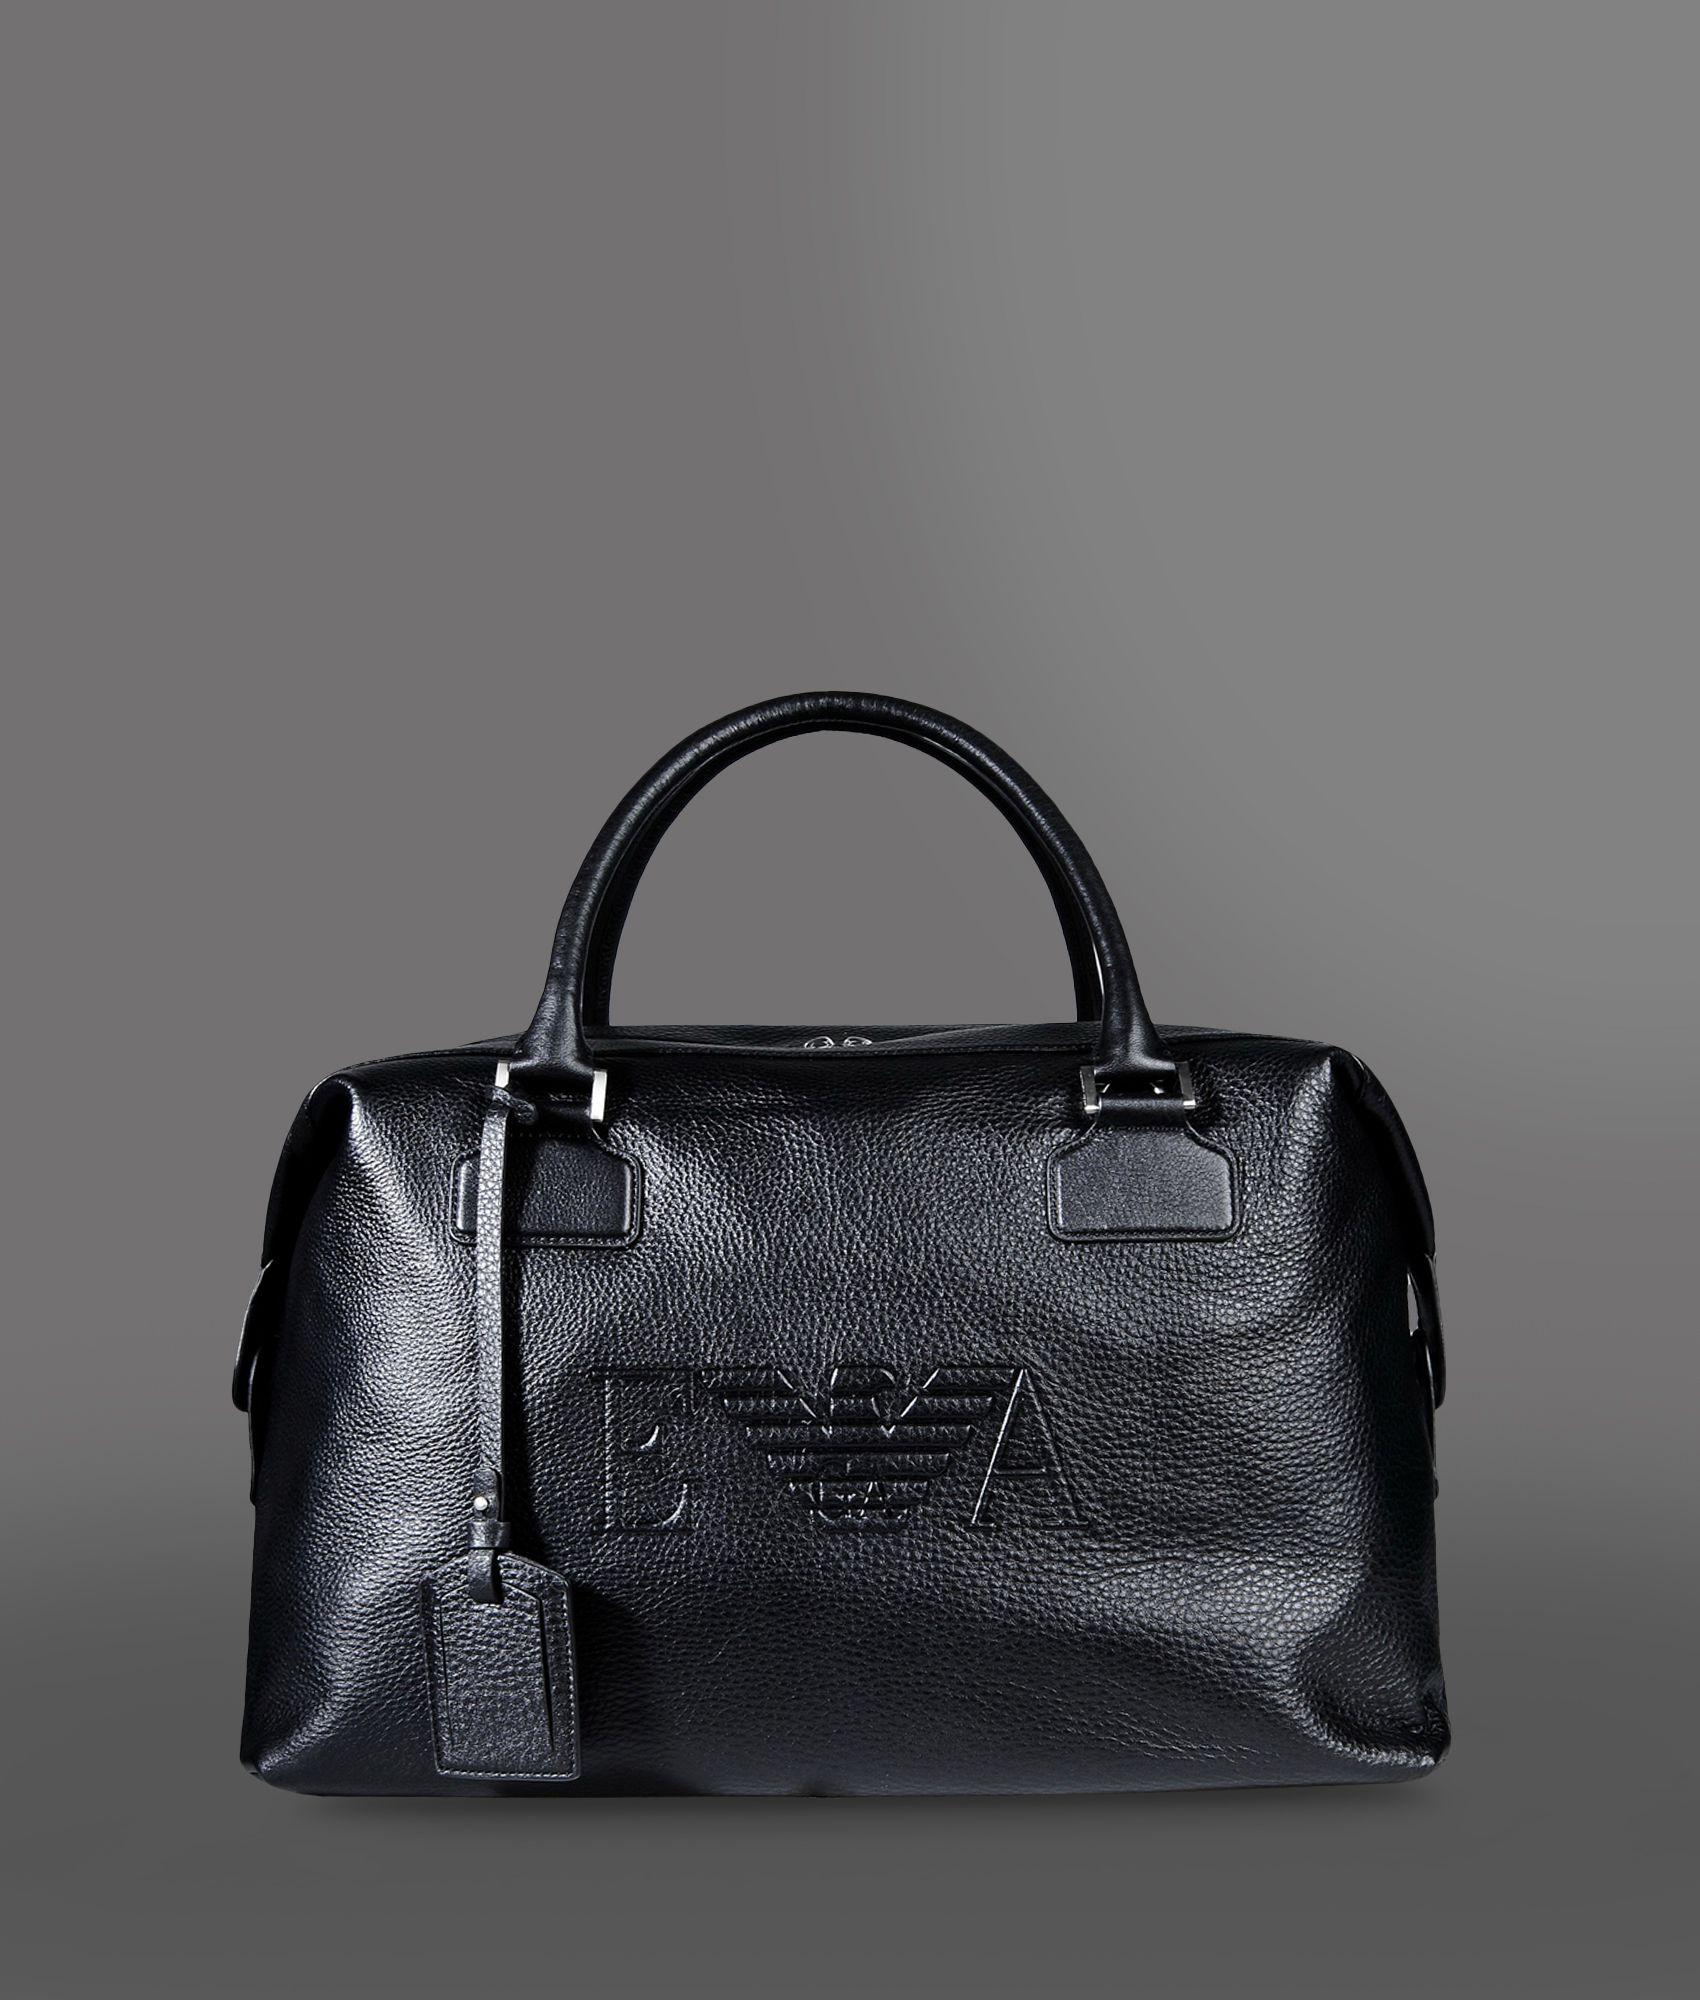 08cc40c7e4 Lyst - Emporio Armani Travel Bag in Black for Men